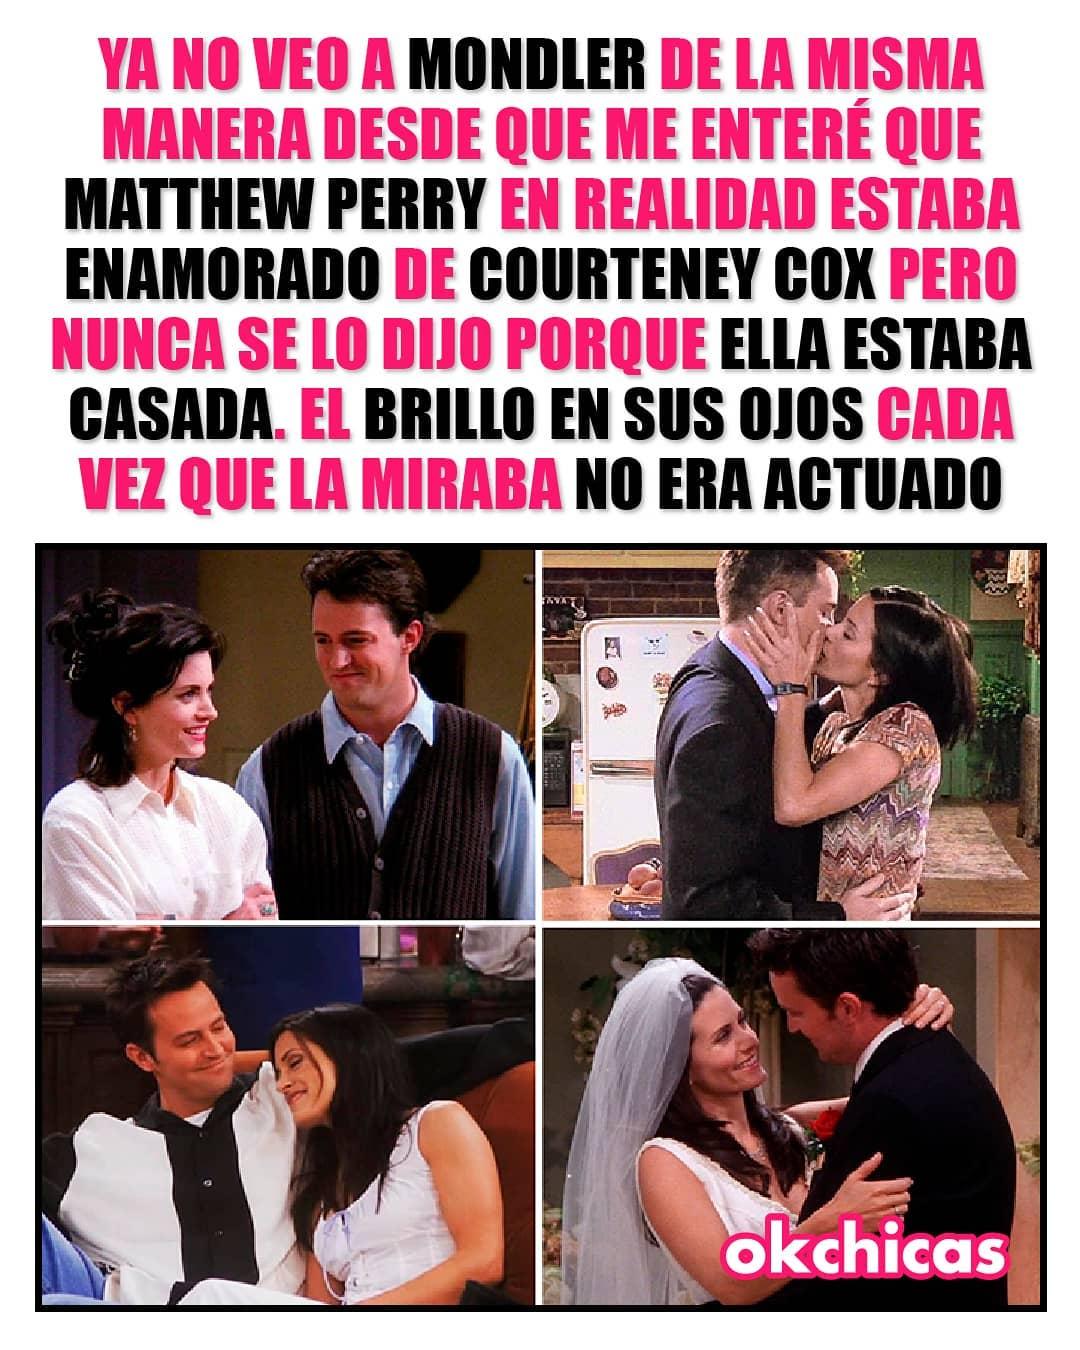 Ya no veo a Mondler de la misma manera desde que me enteré que Matthew Perry en realidad estaba enamorado de Courteney Cox pero nunca se lo dijo porque ella estaba casada, el brillo en sus ojos cada vez que la miraba no era actuado.